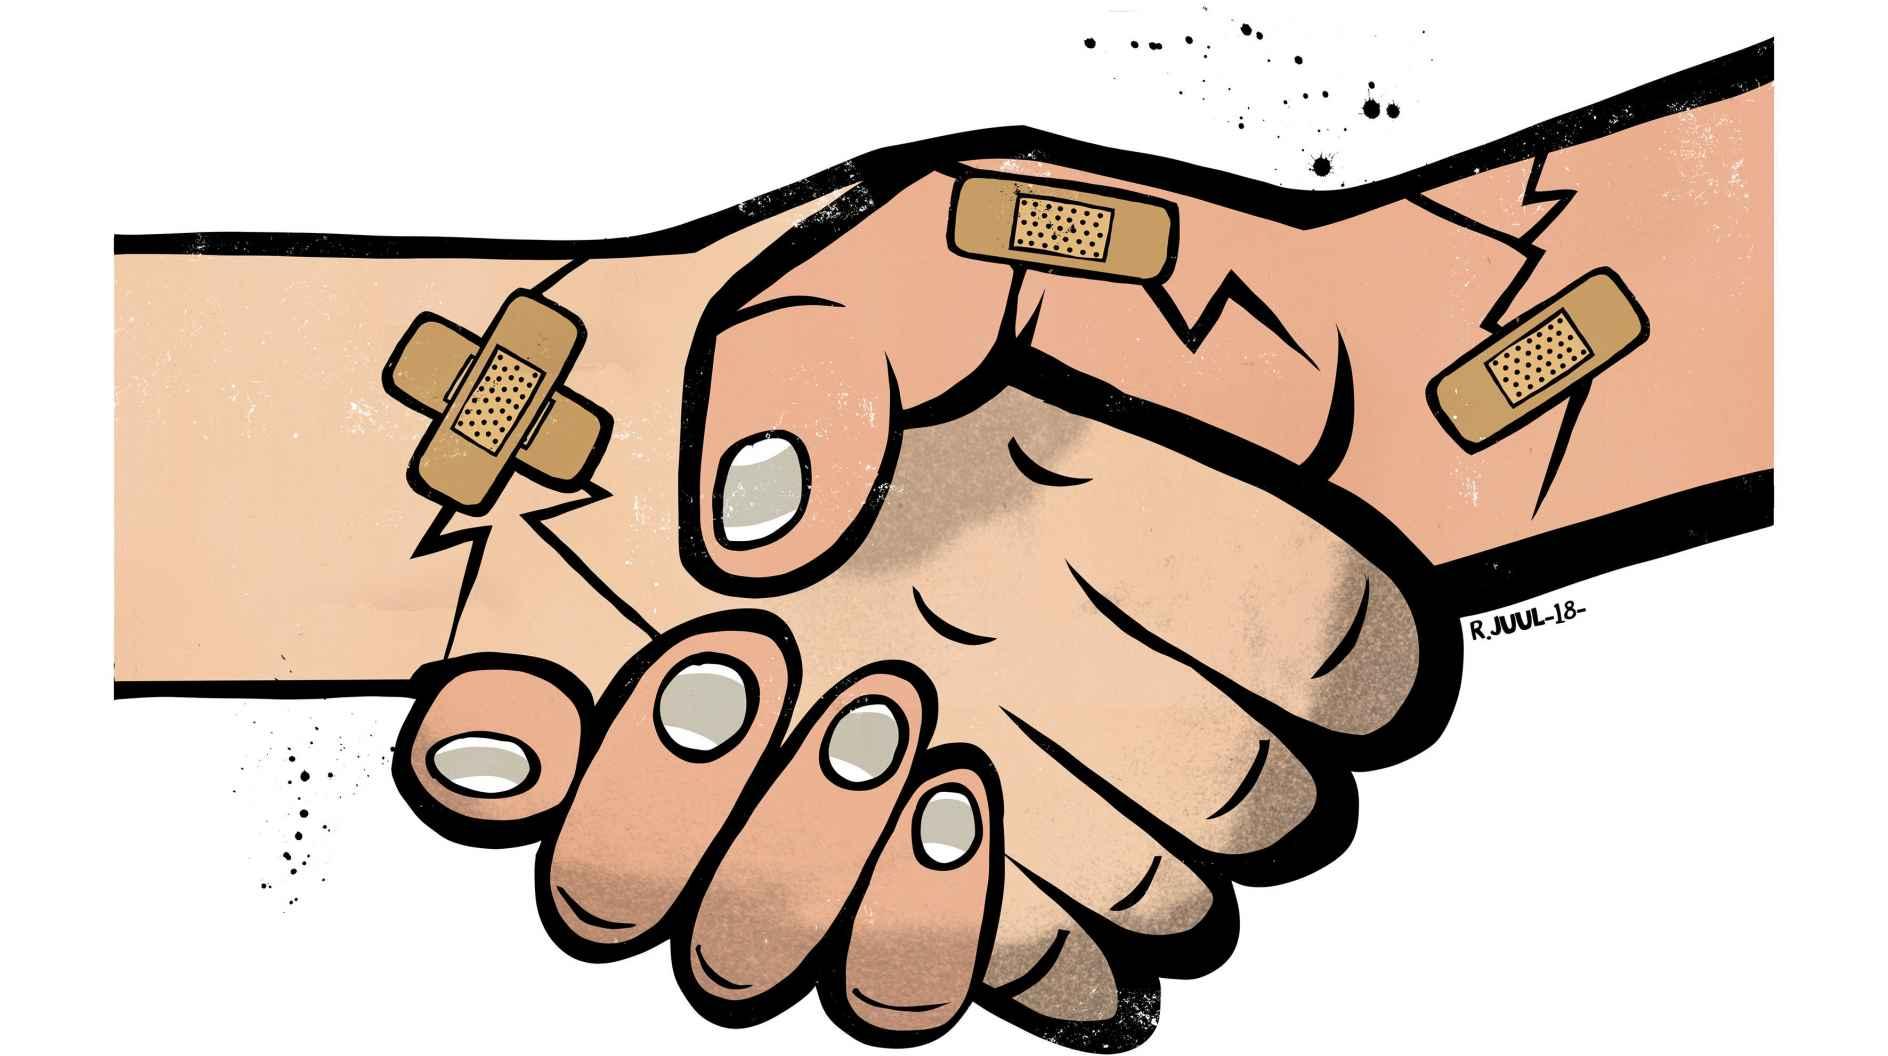 Det kræver mod at række hånden ud, når en relation er gået i stykker